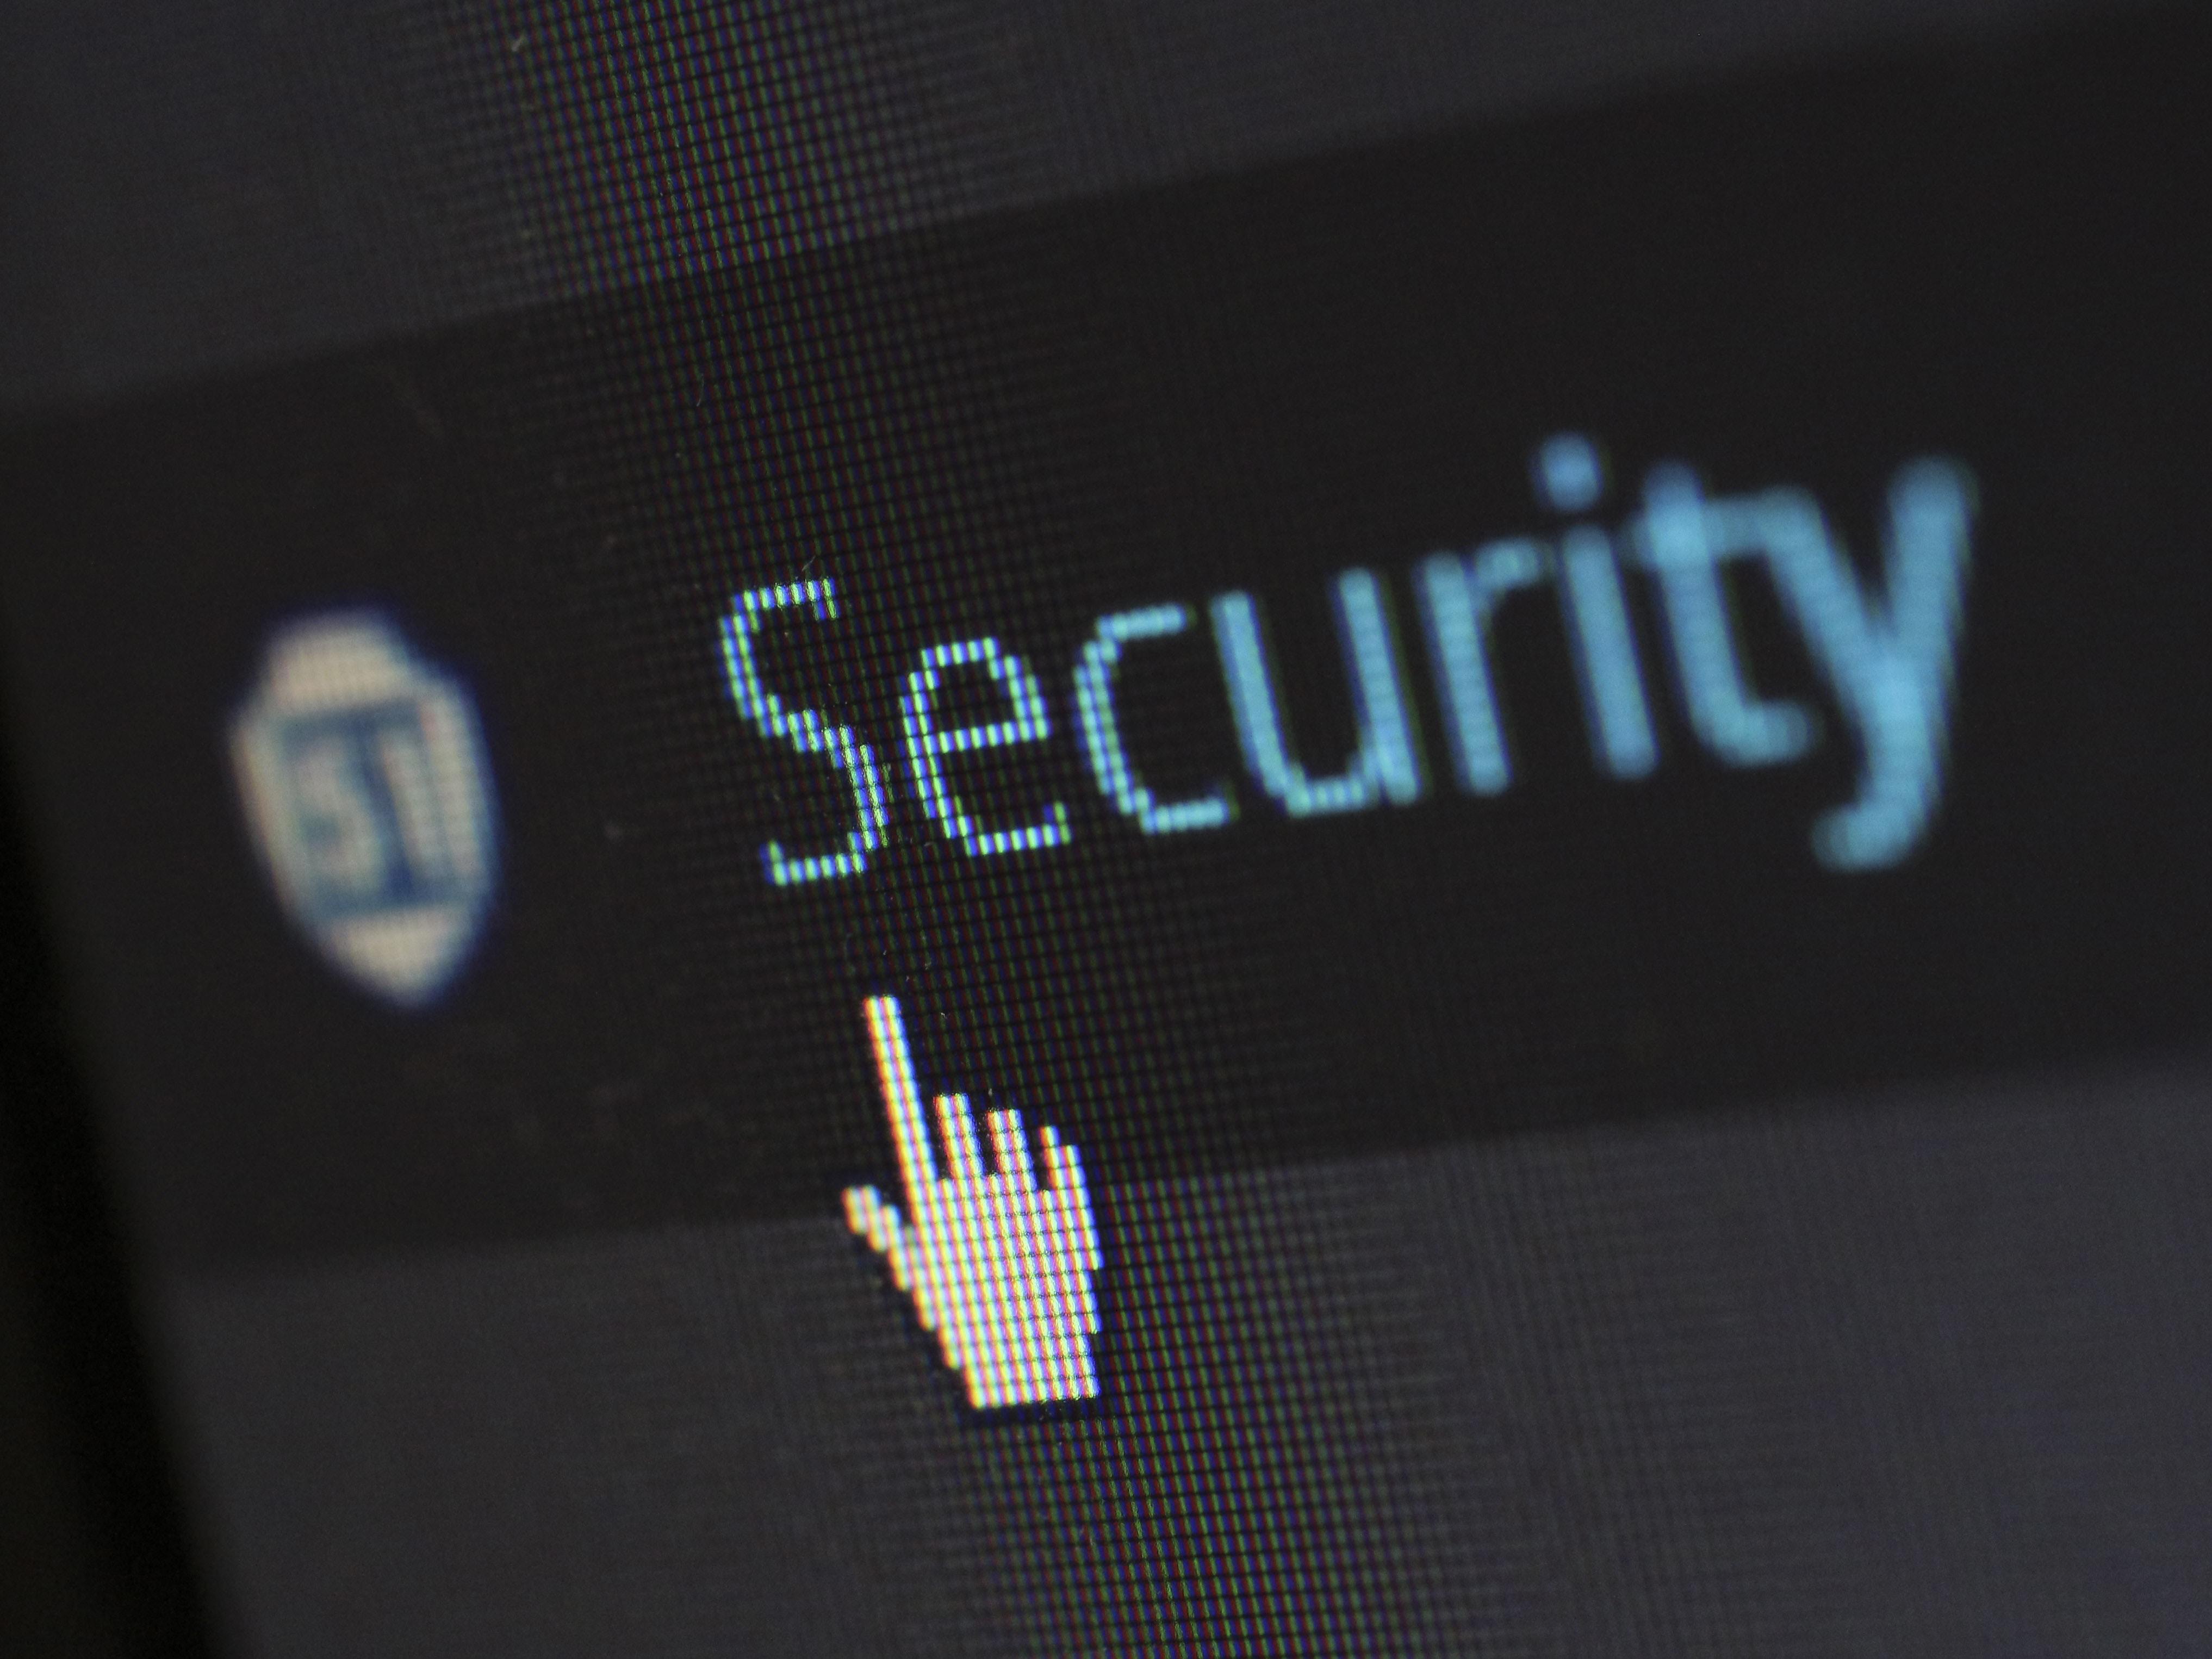 U.S. Agencies Failed to Heed Cybersecurity Warnings, GAO Says